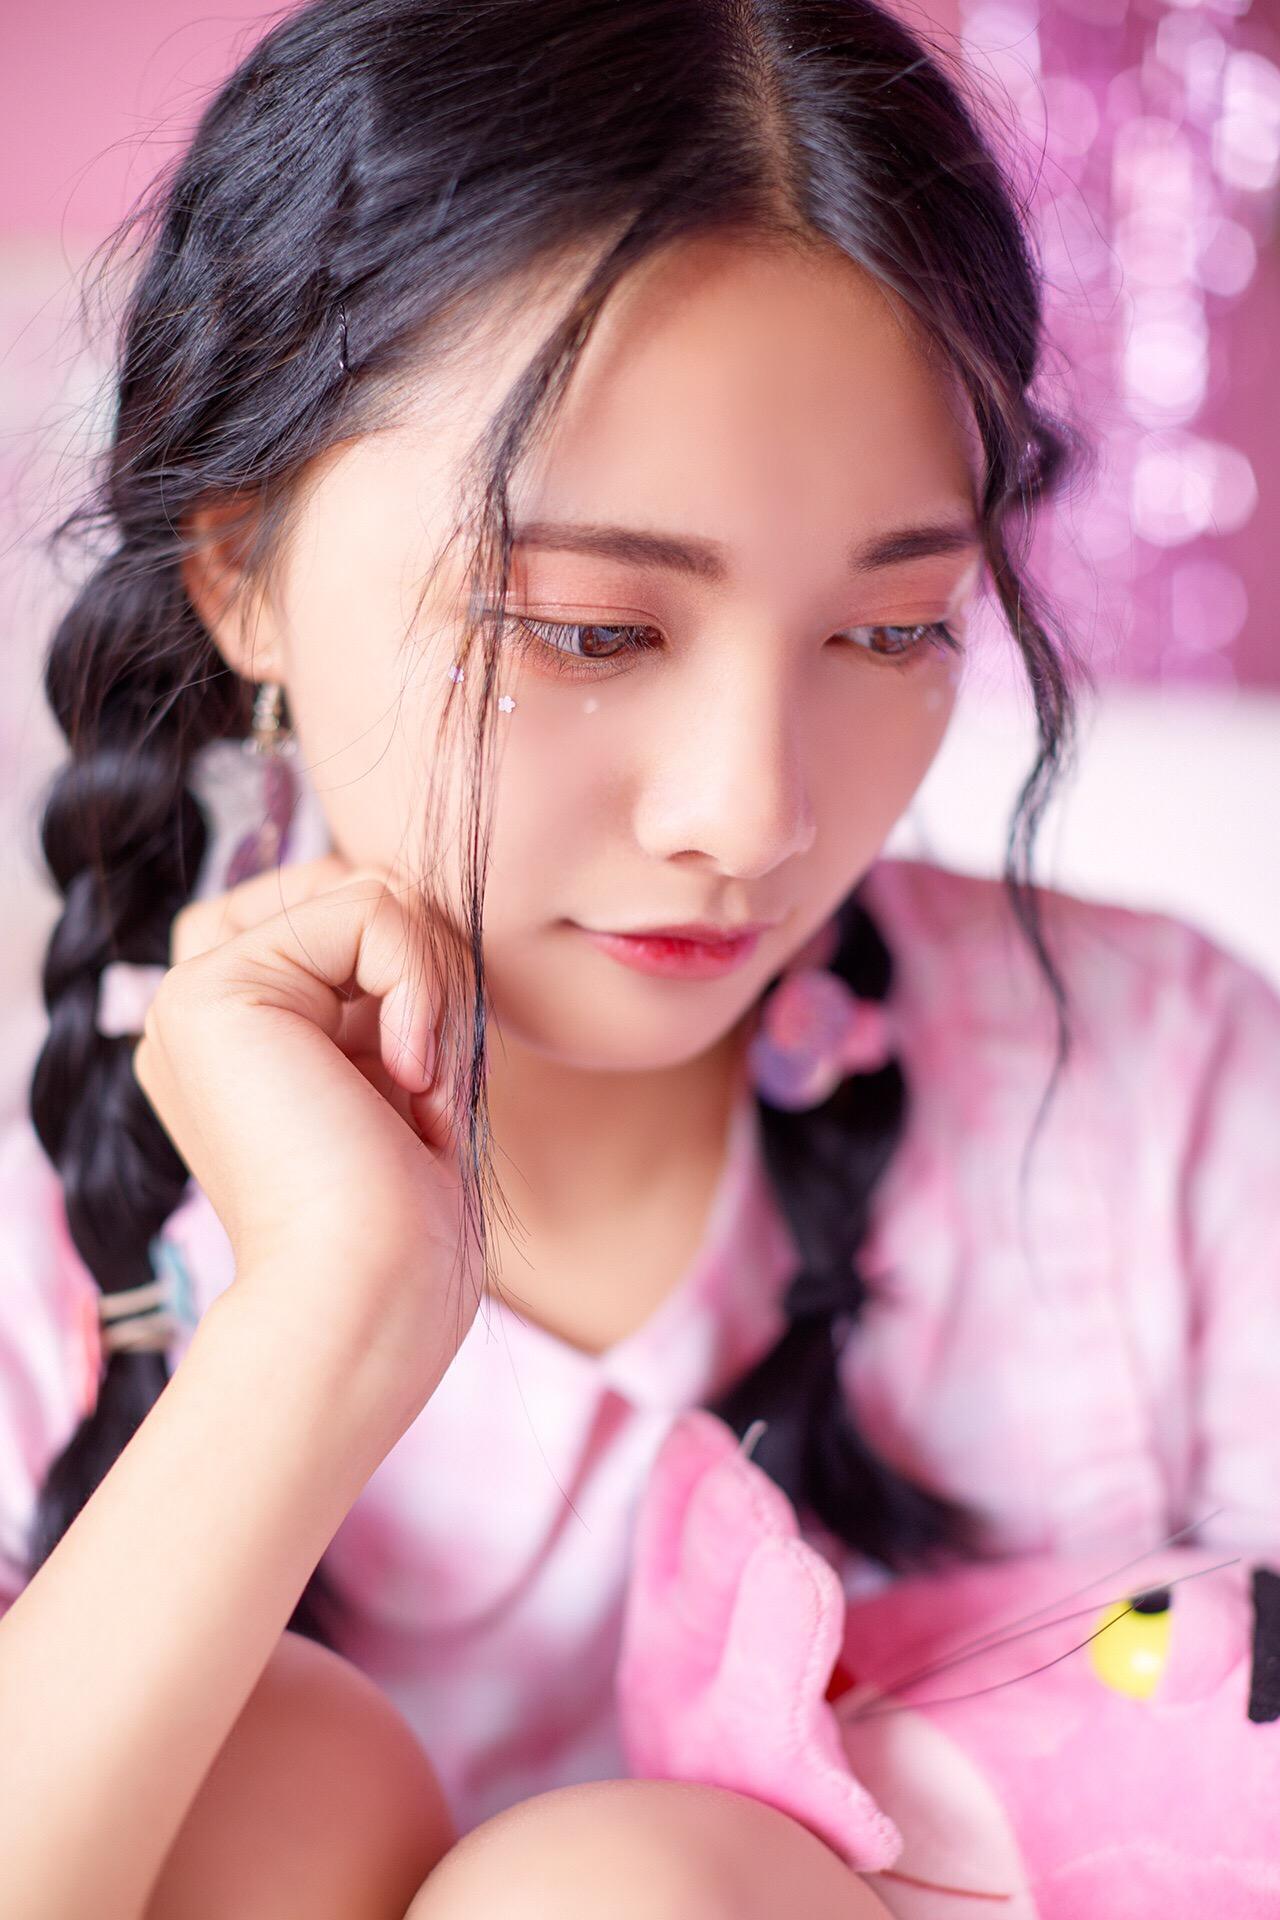 2017年09月03日 - 樱子 - 樱子的博客